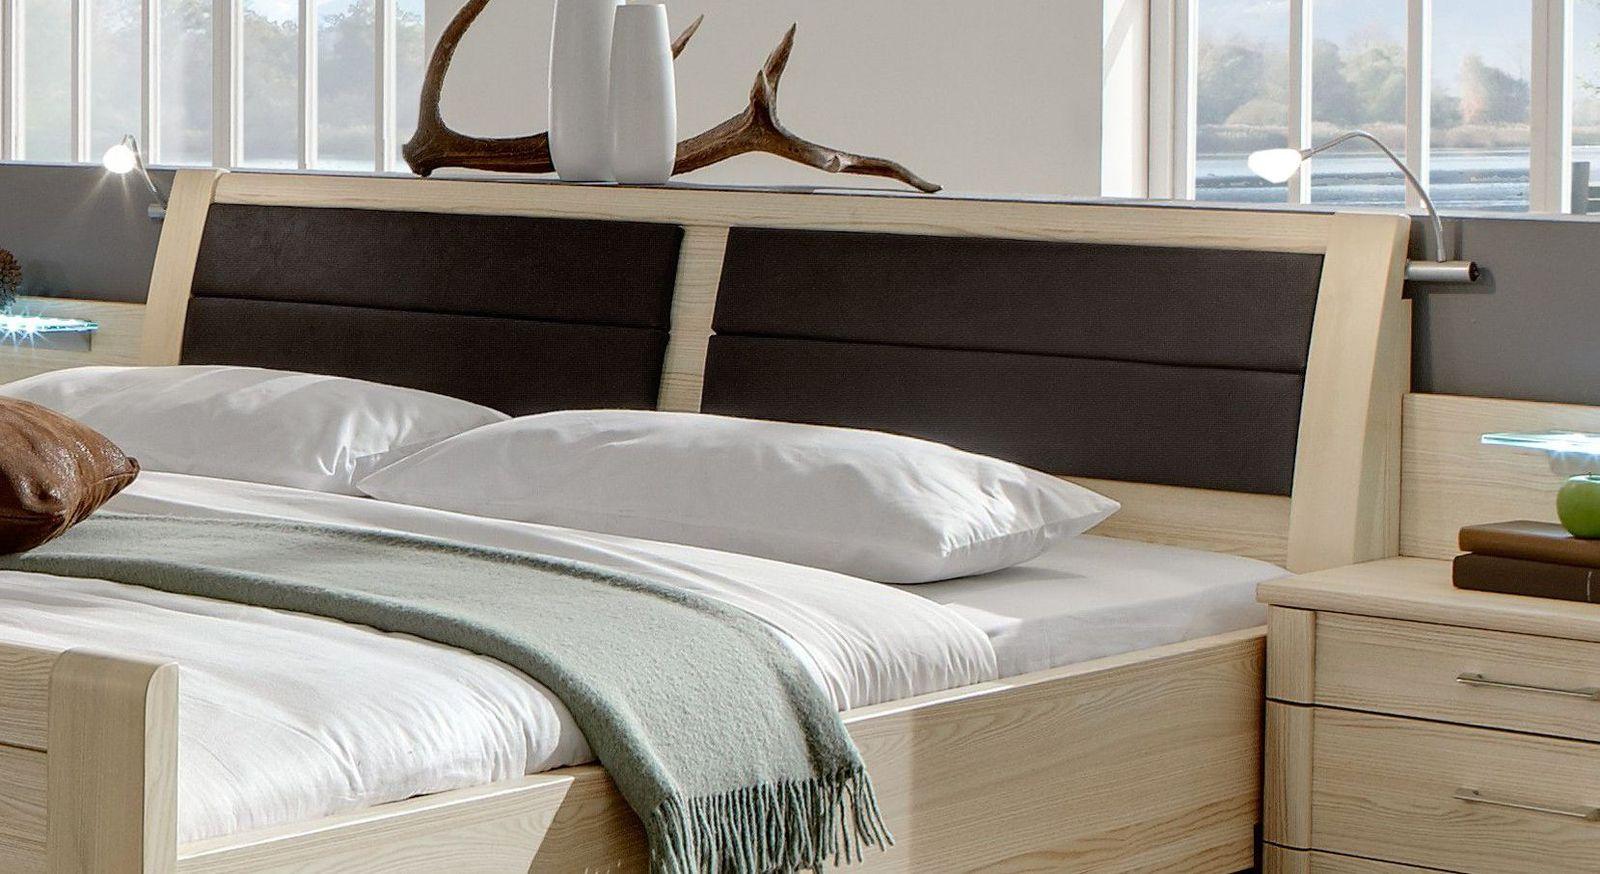 doppelbett mit hohem einstieg in edel esche dekor rapino. Black Bedroom Furniture Sets. Home Design Ideas